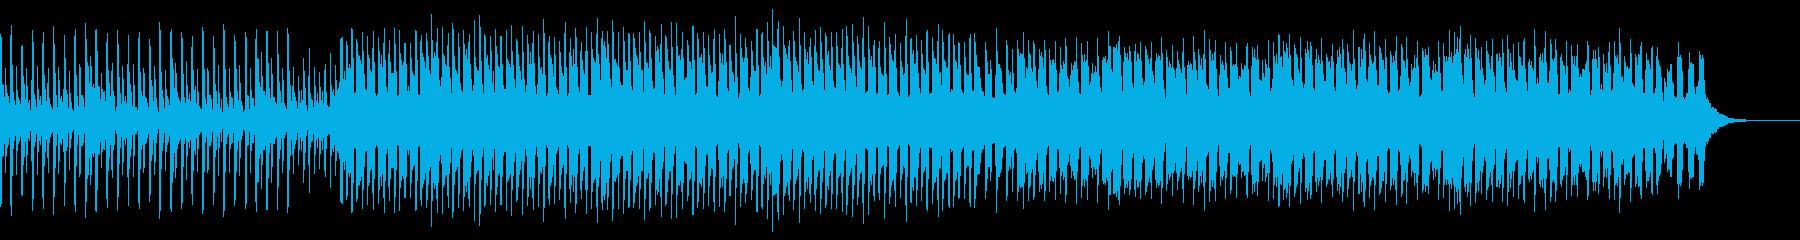 健康テクノロジー(90秒)の再生済みの波形